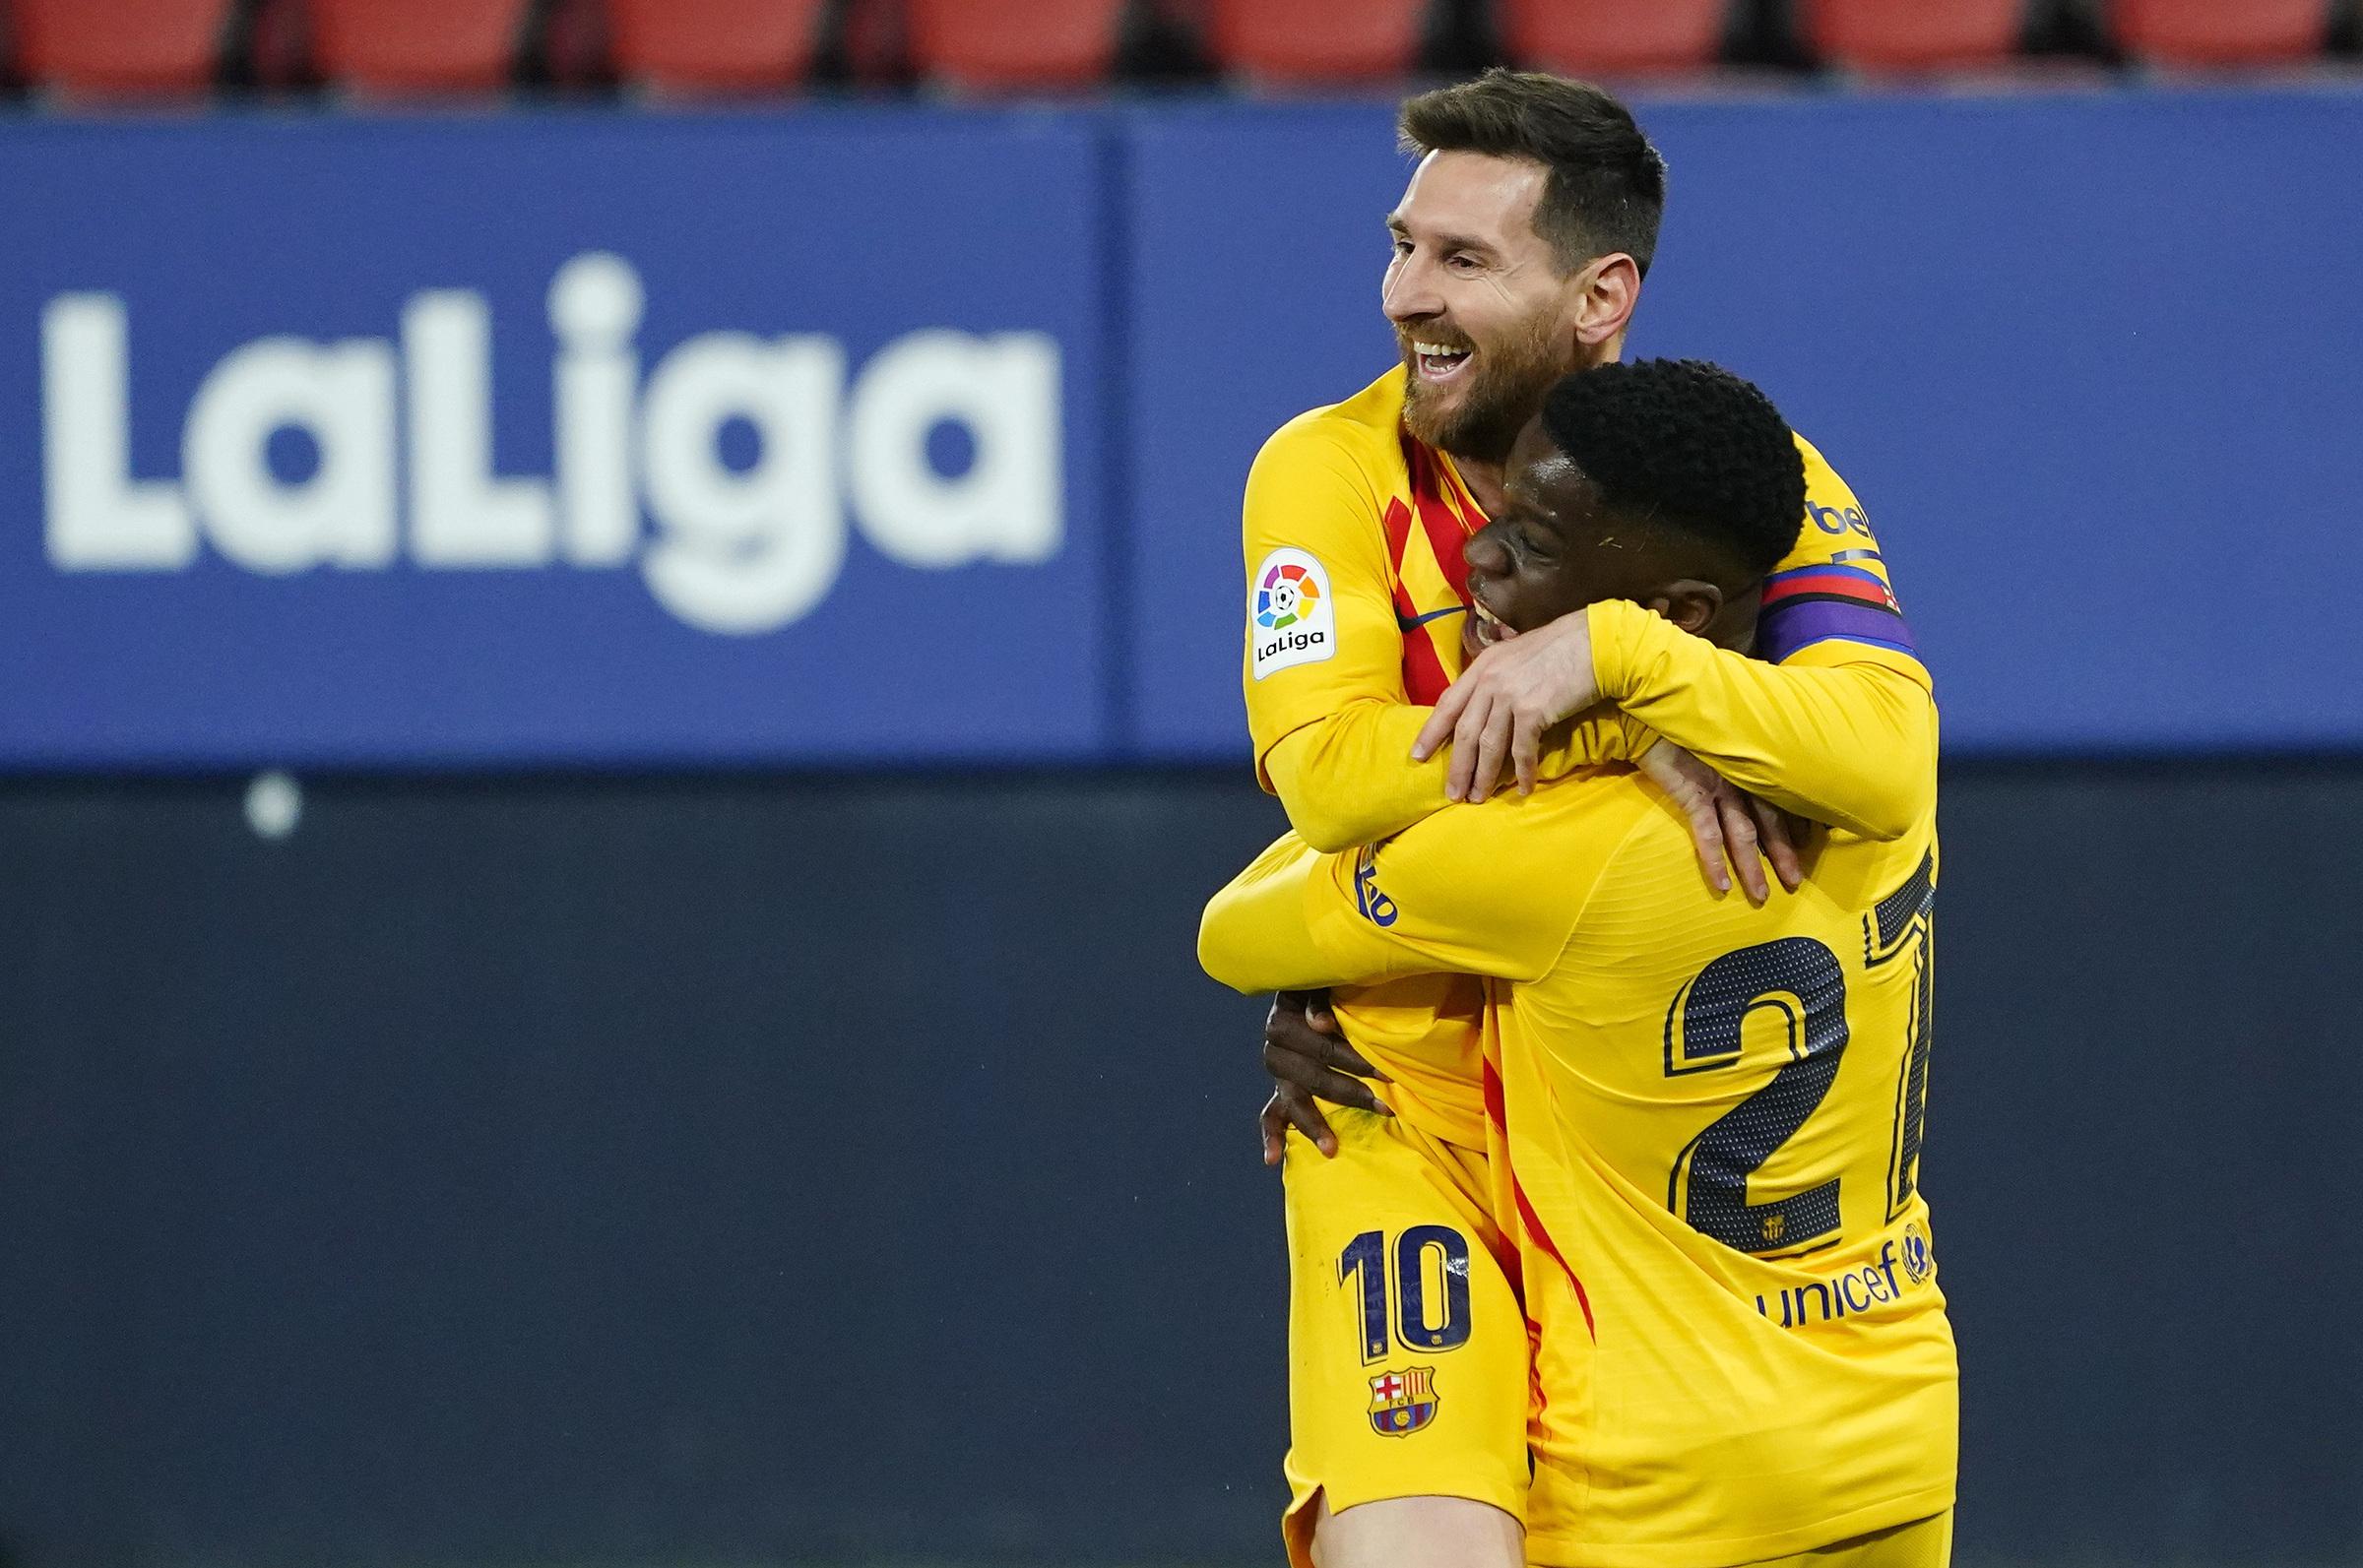 Gia hạn Messi đang là bài toán khó cho Barca khi chiếu theo quy định về quỹ lương ở La Liga. Ảnh: Reuters